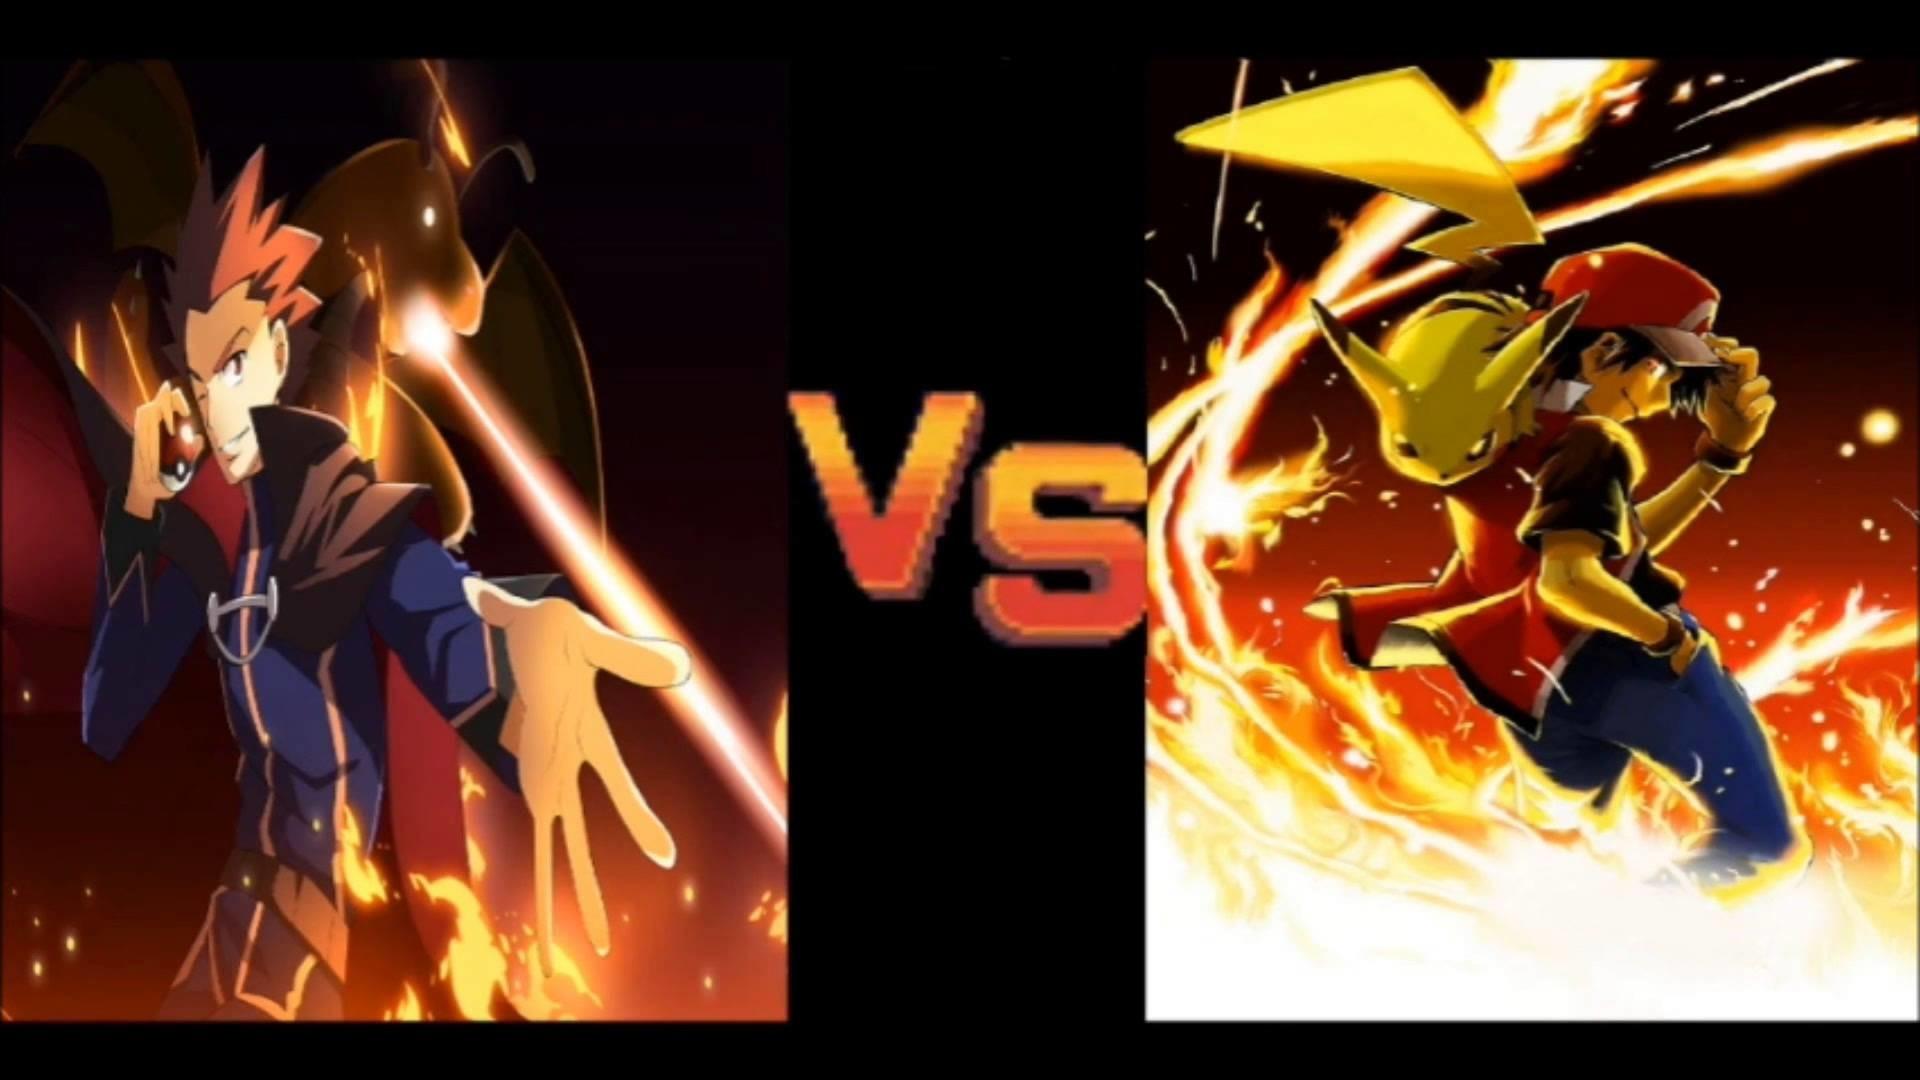 Related: Pokemon Trainer Red Vs Ash , Pokemon Trainer Red Wallpaper